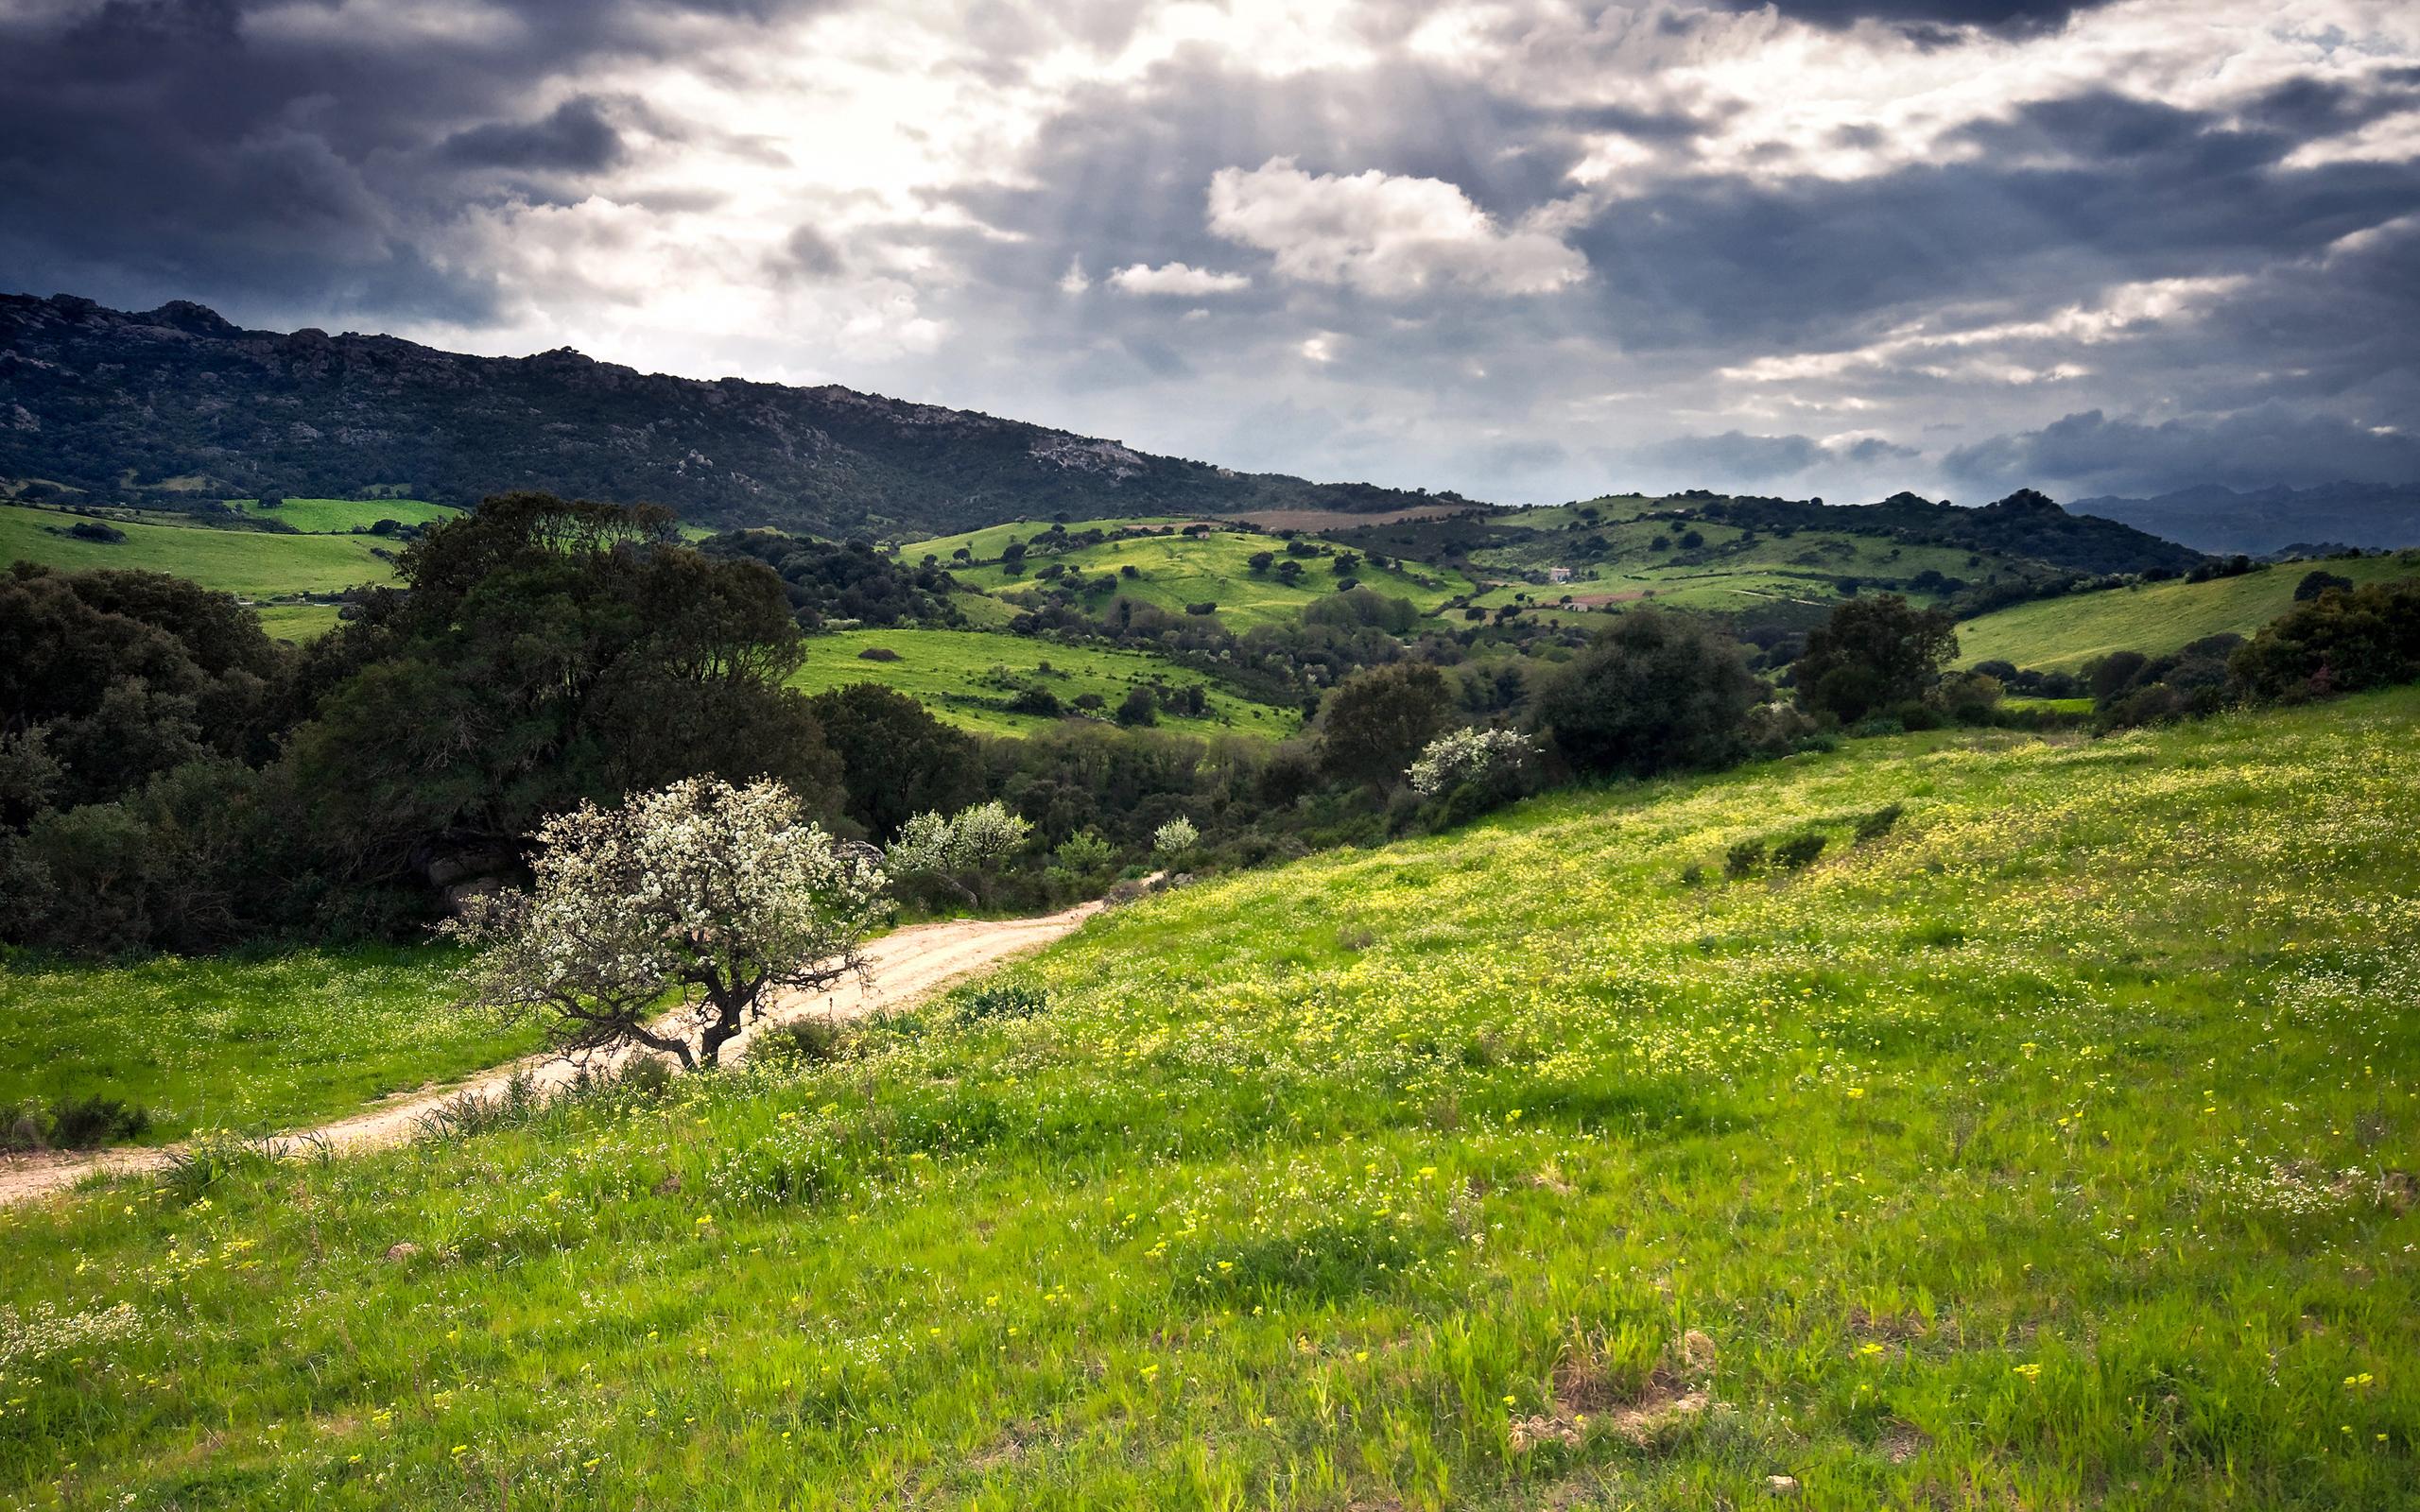 дорога, трава, деревья